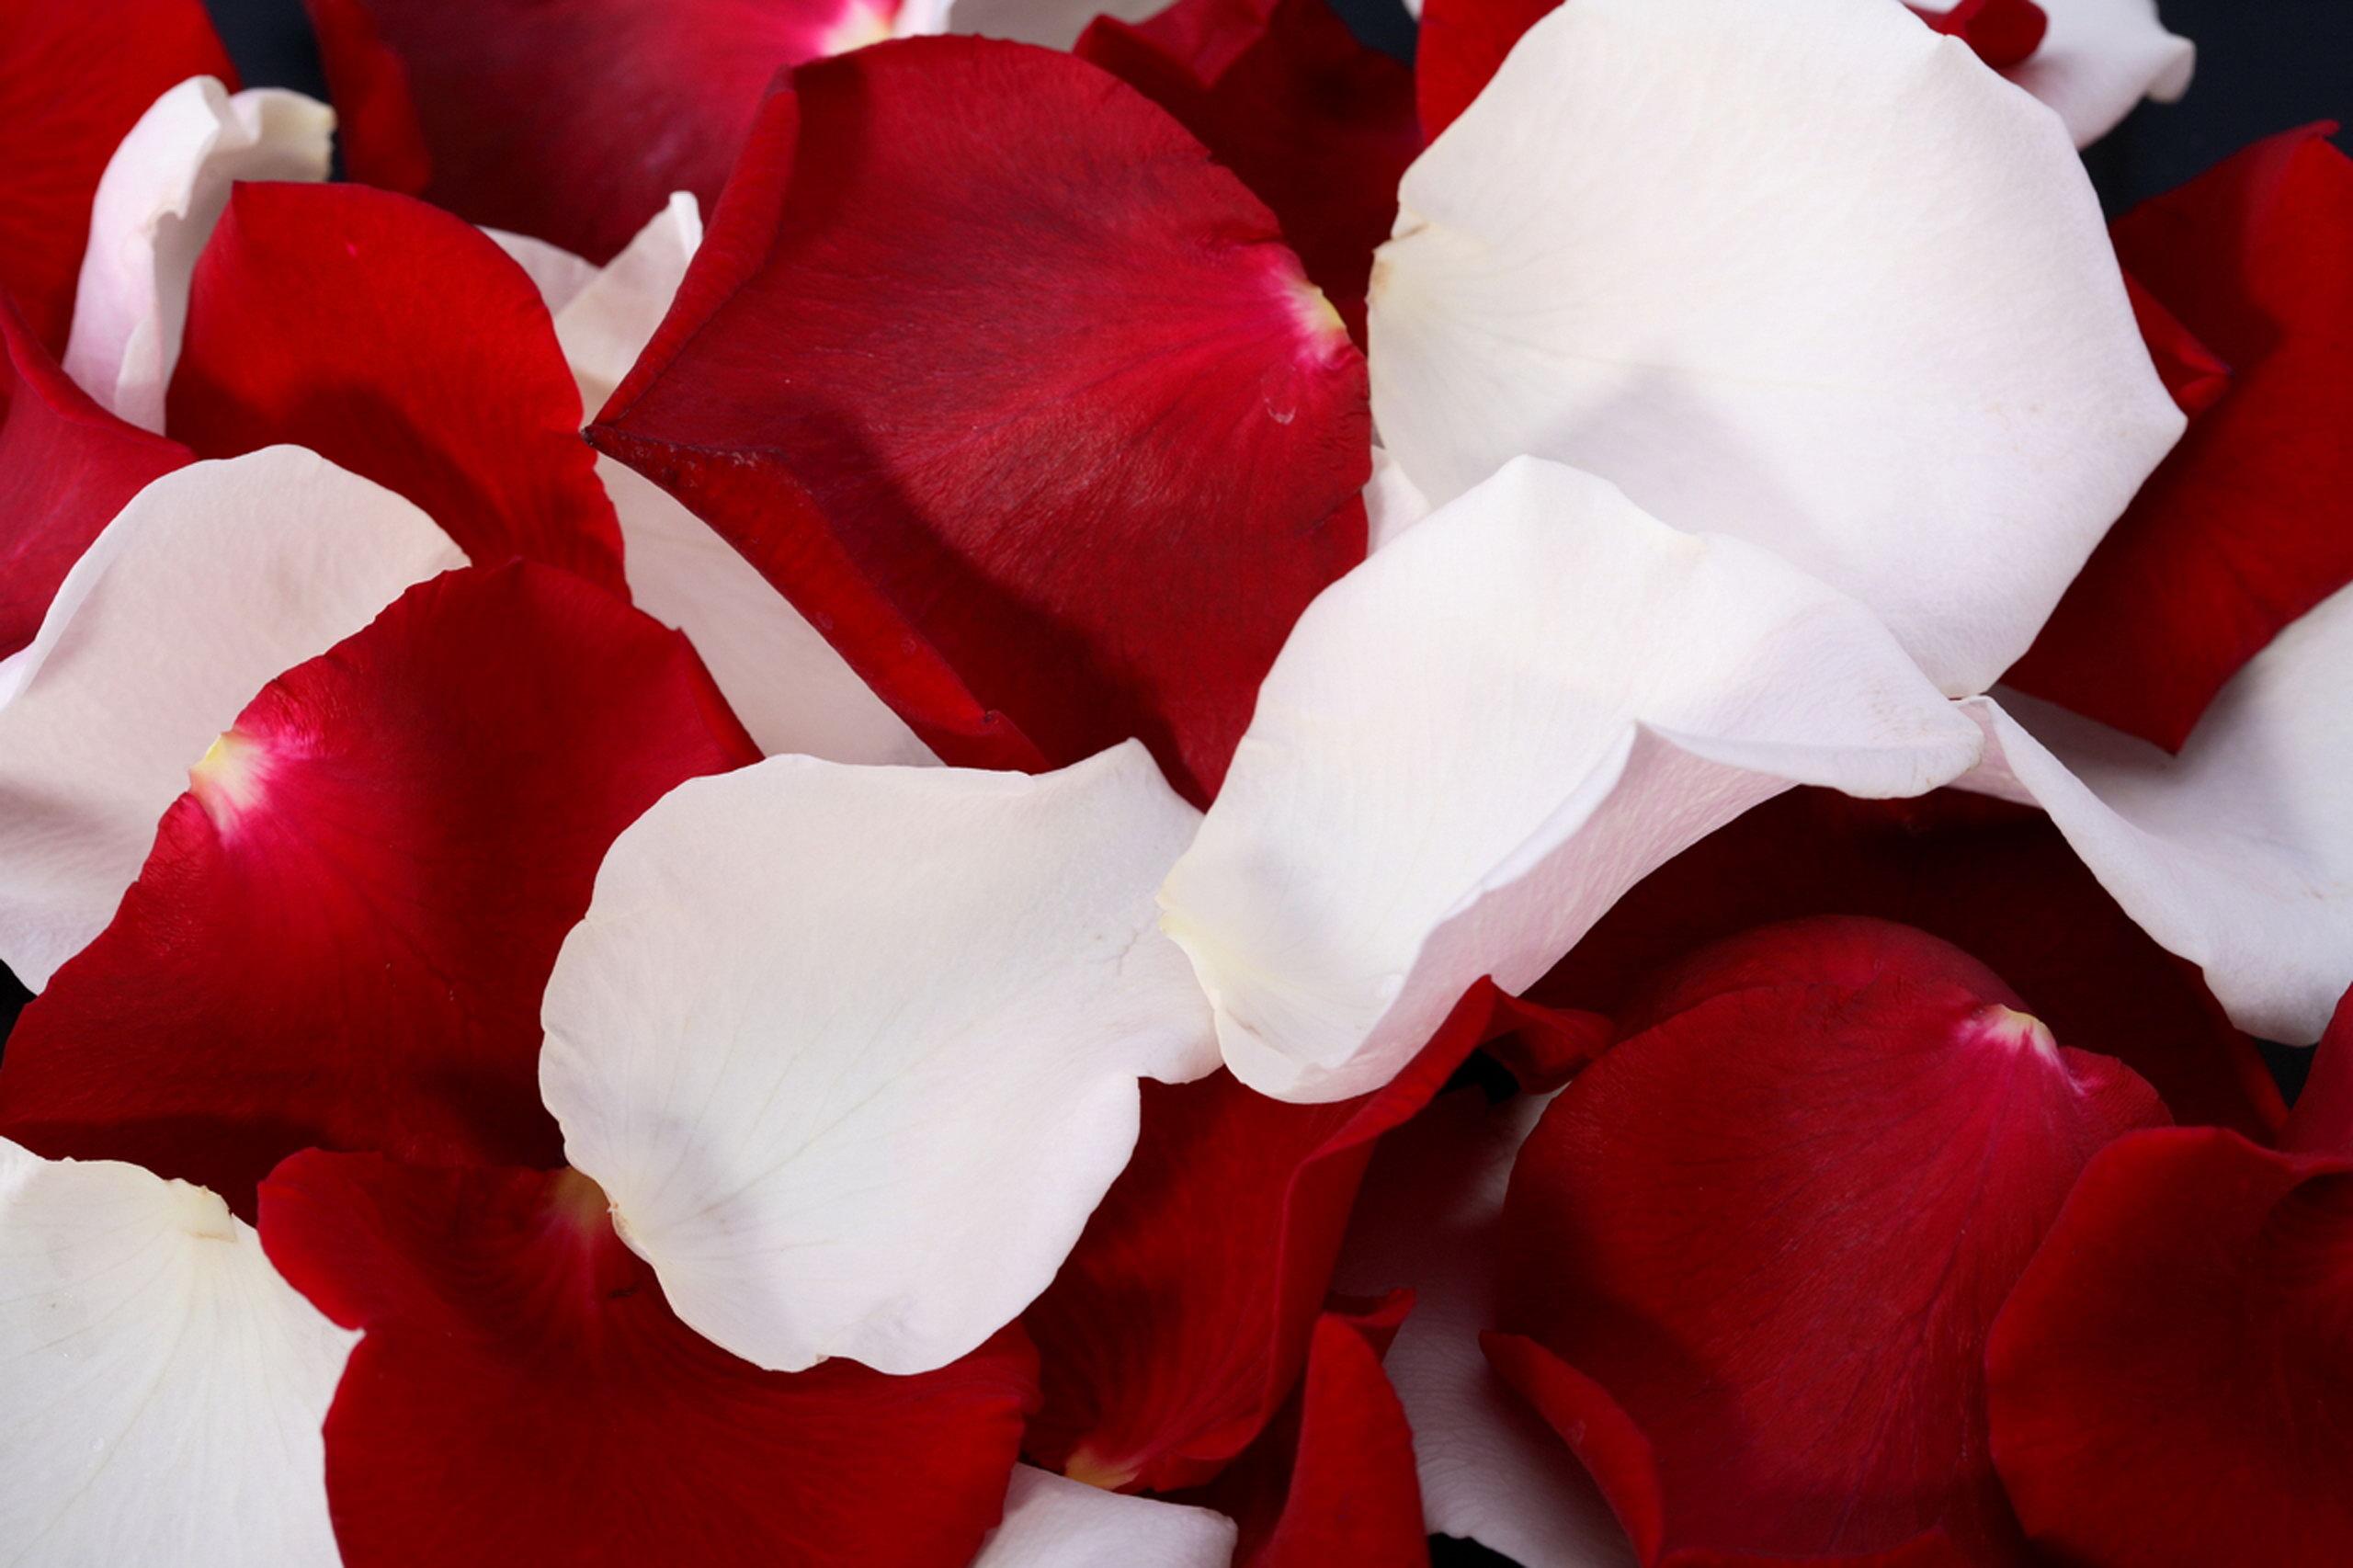 картинки белых роз с лепестками роз телевидение последнее